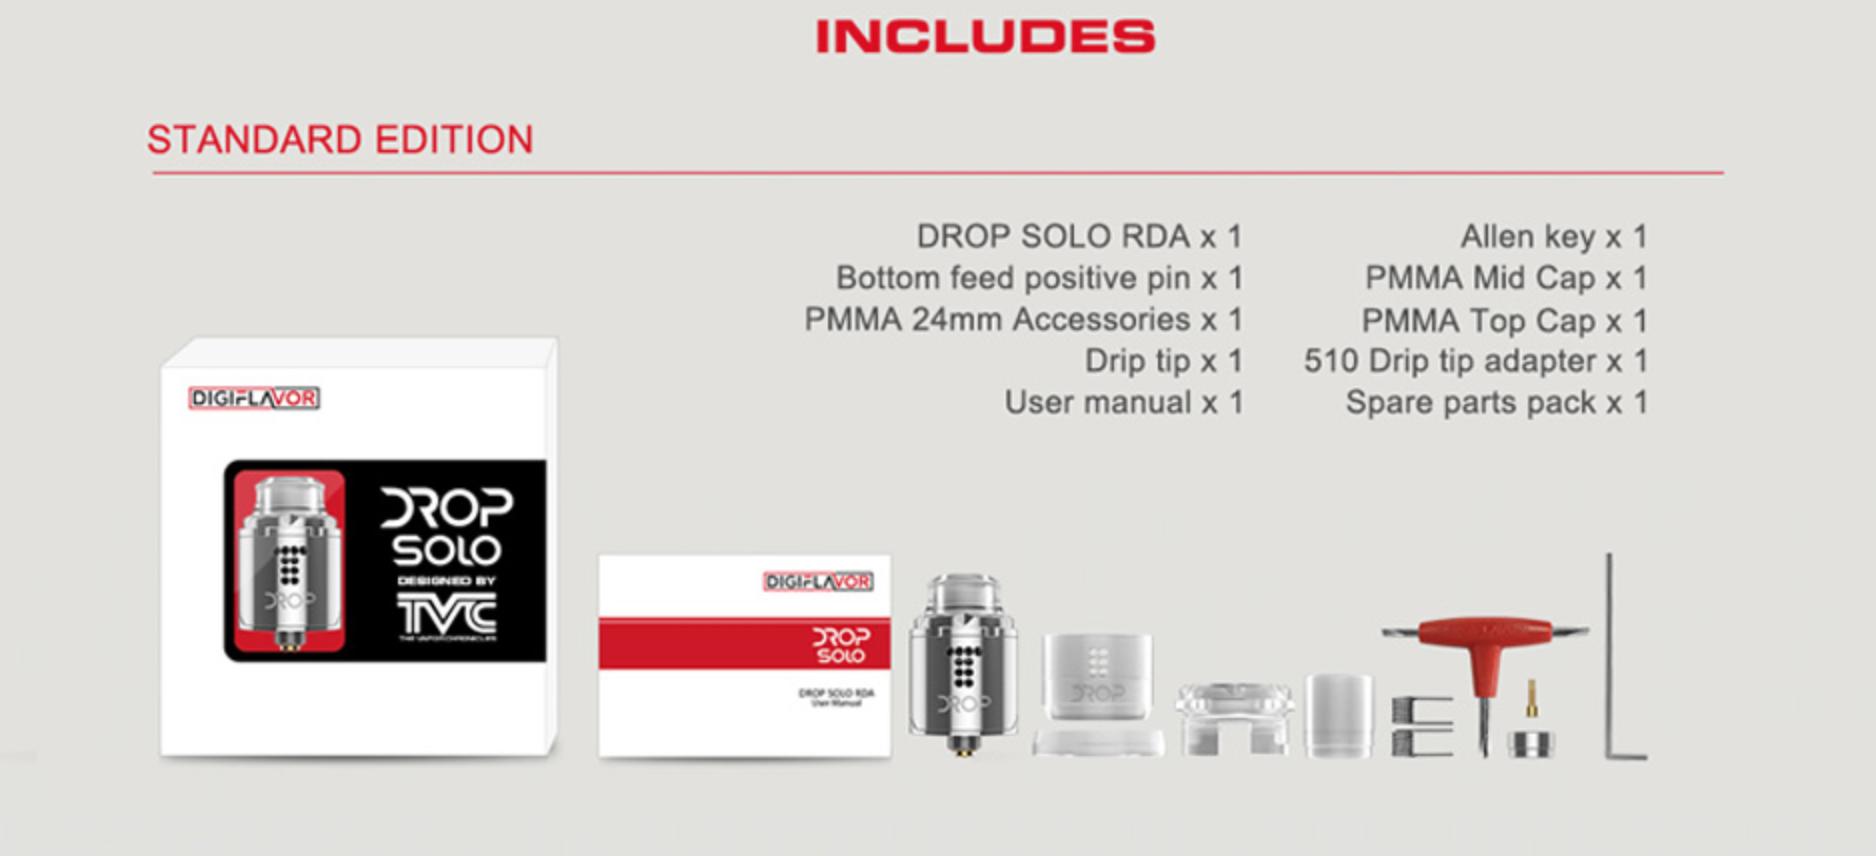 Digiflavor Drop Solo RDA同梱品